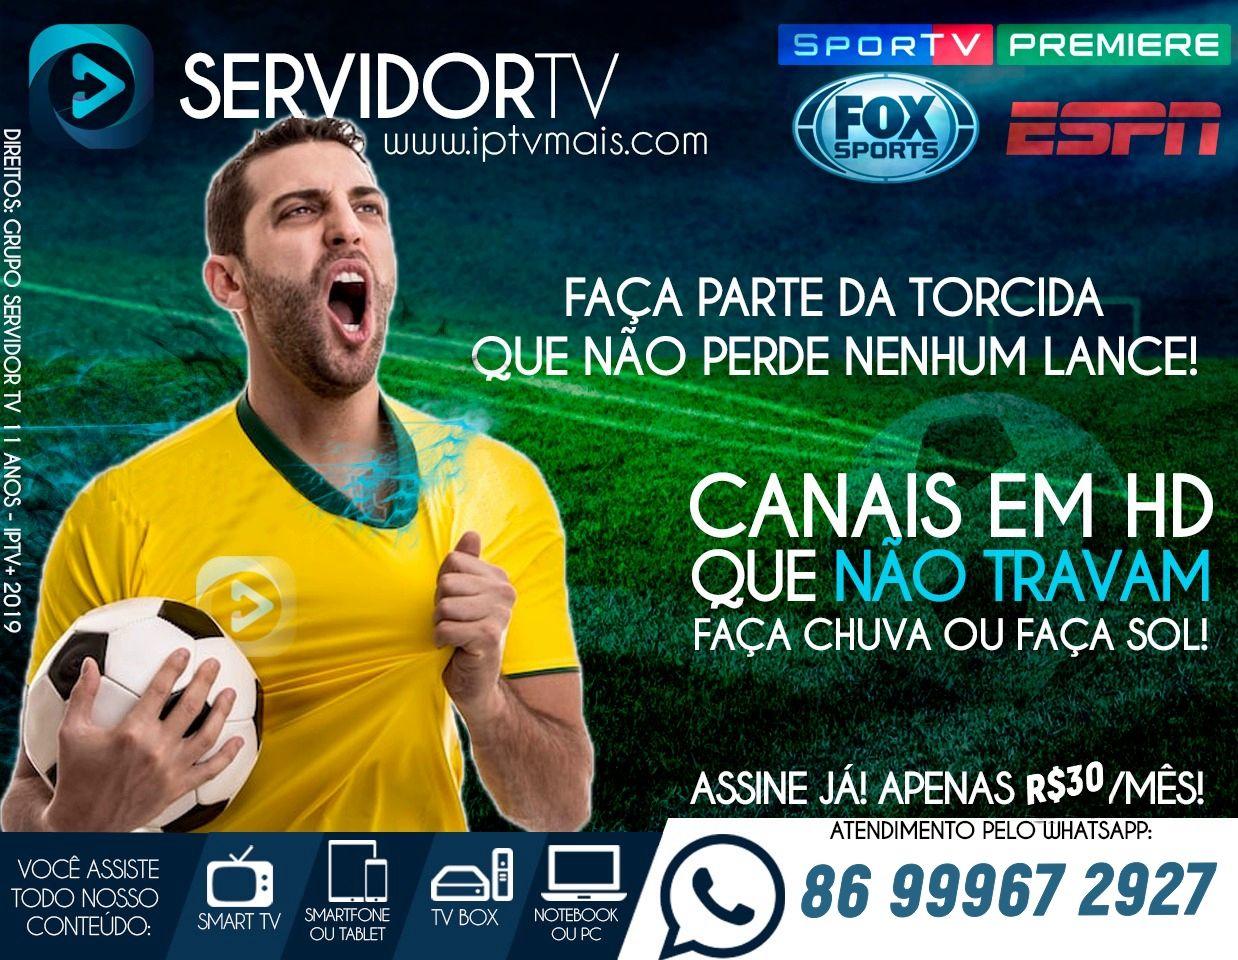 TV ONLINE Tv, Ufc combate, Sportv